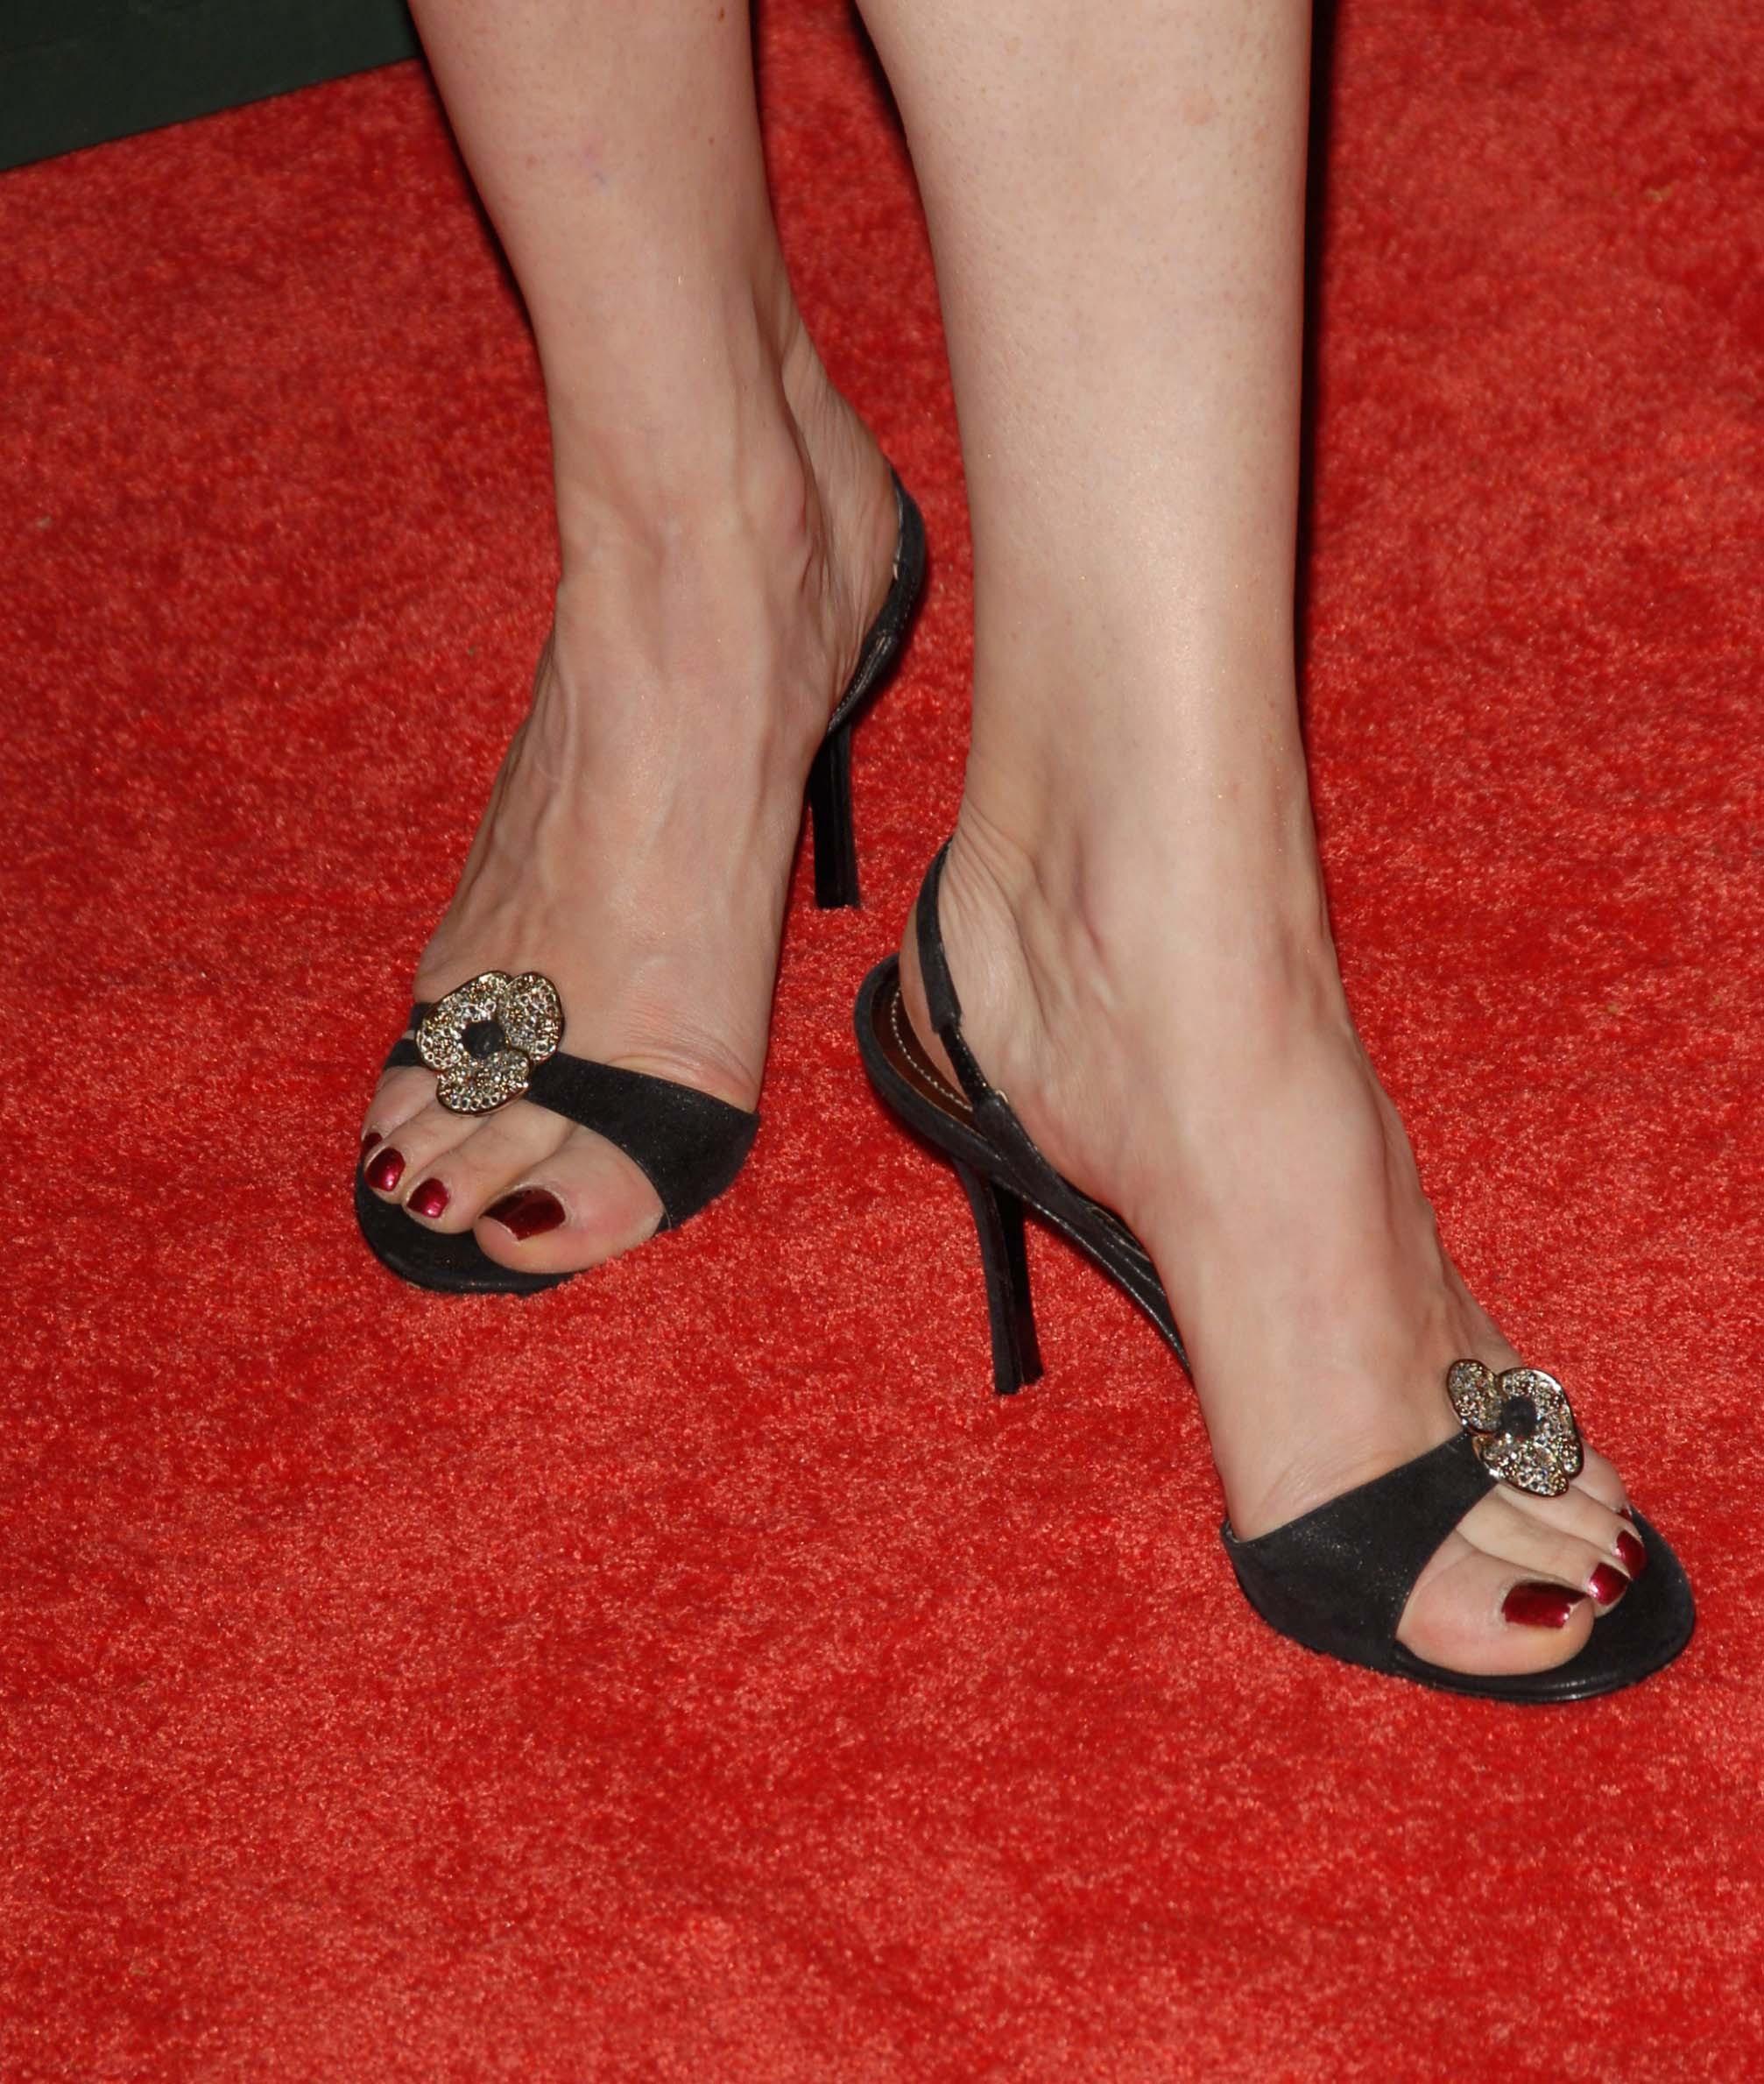 Melinda Clarke's Feet - download mobile porn